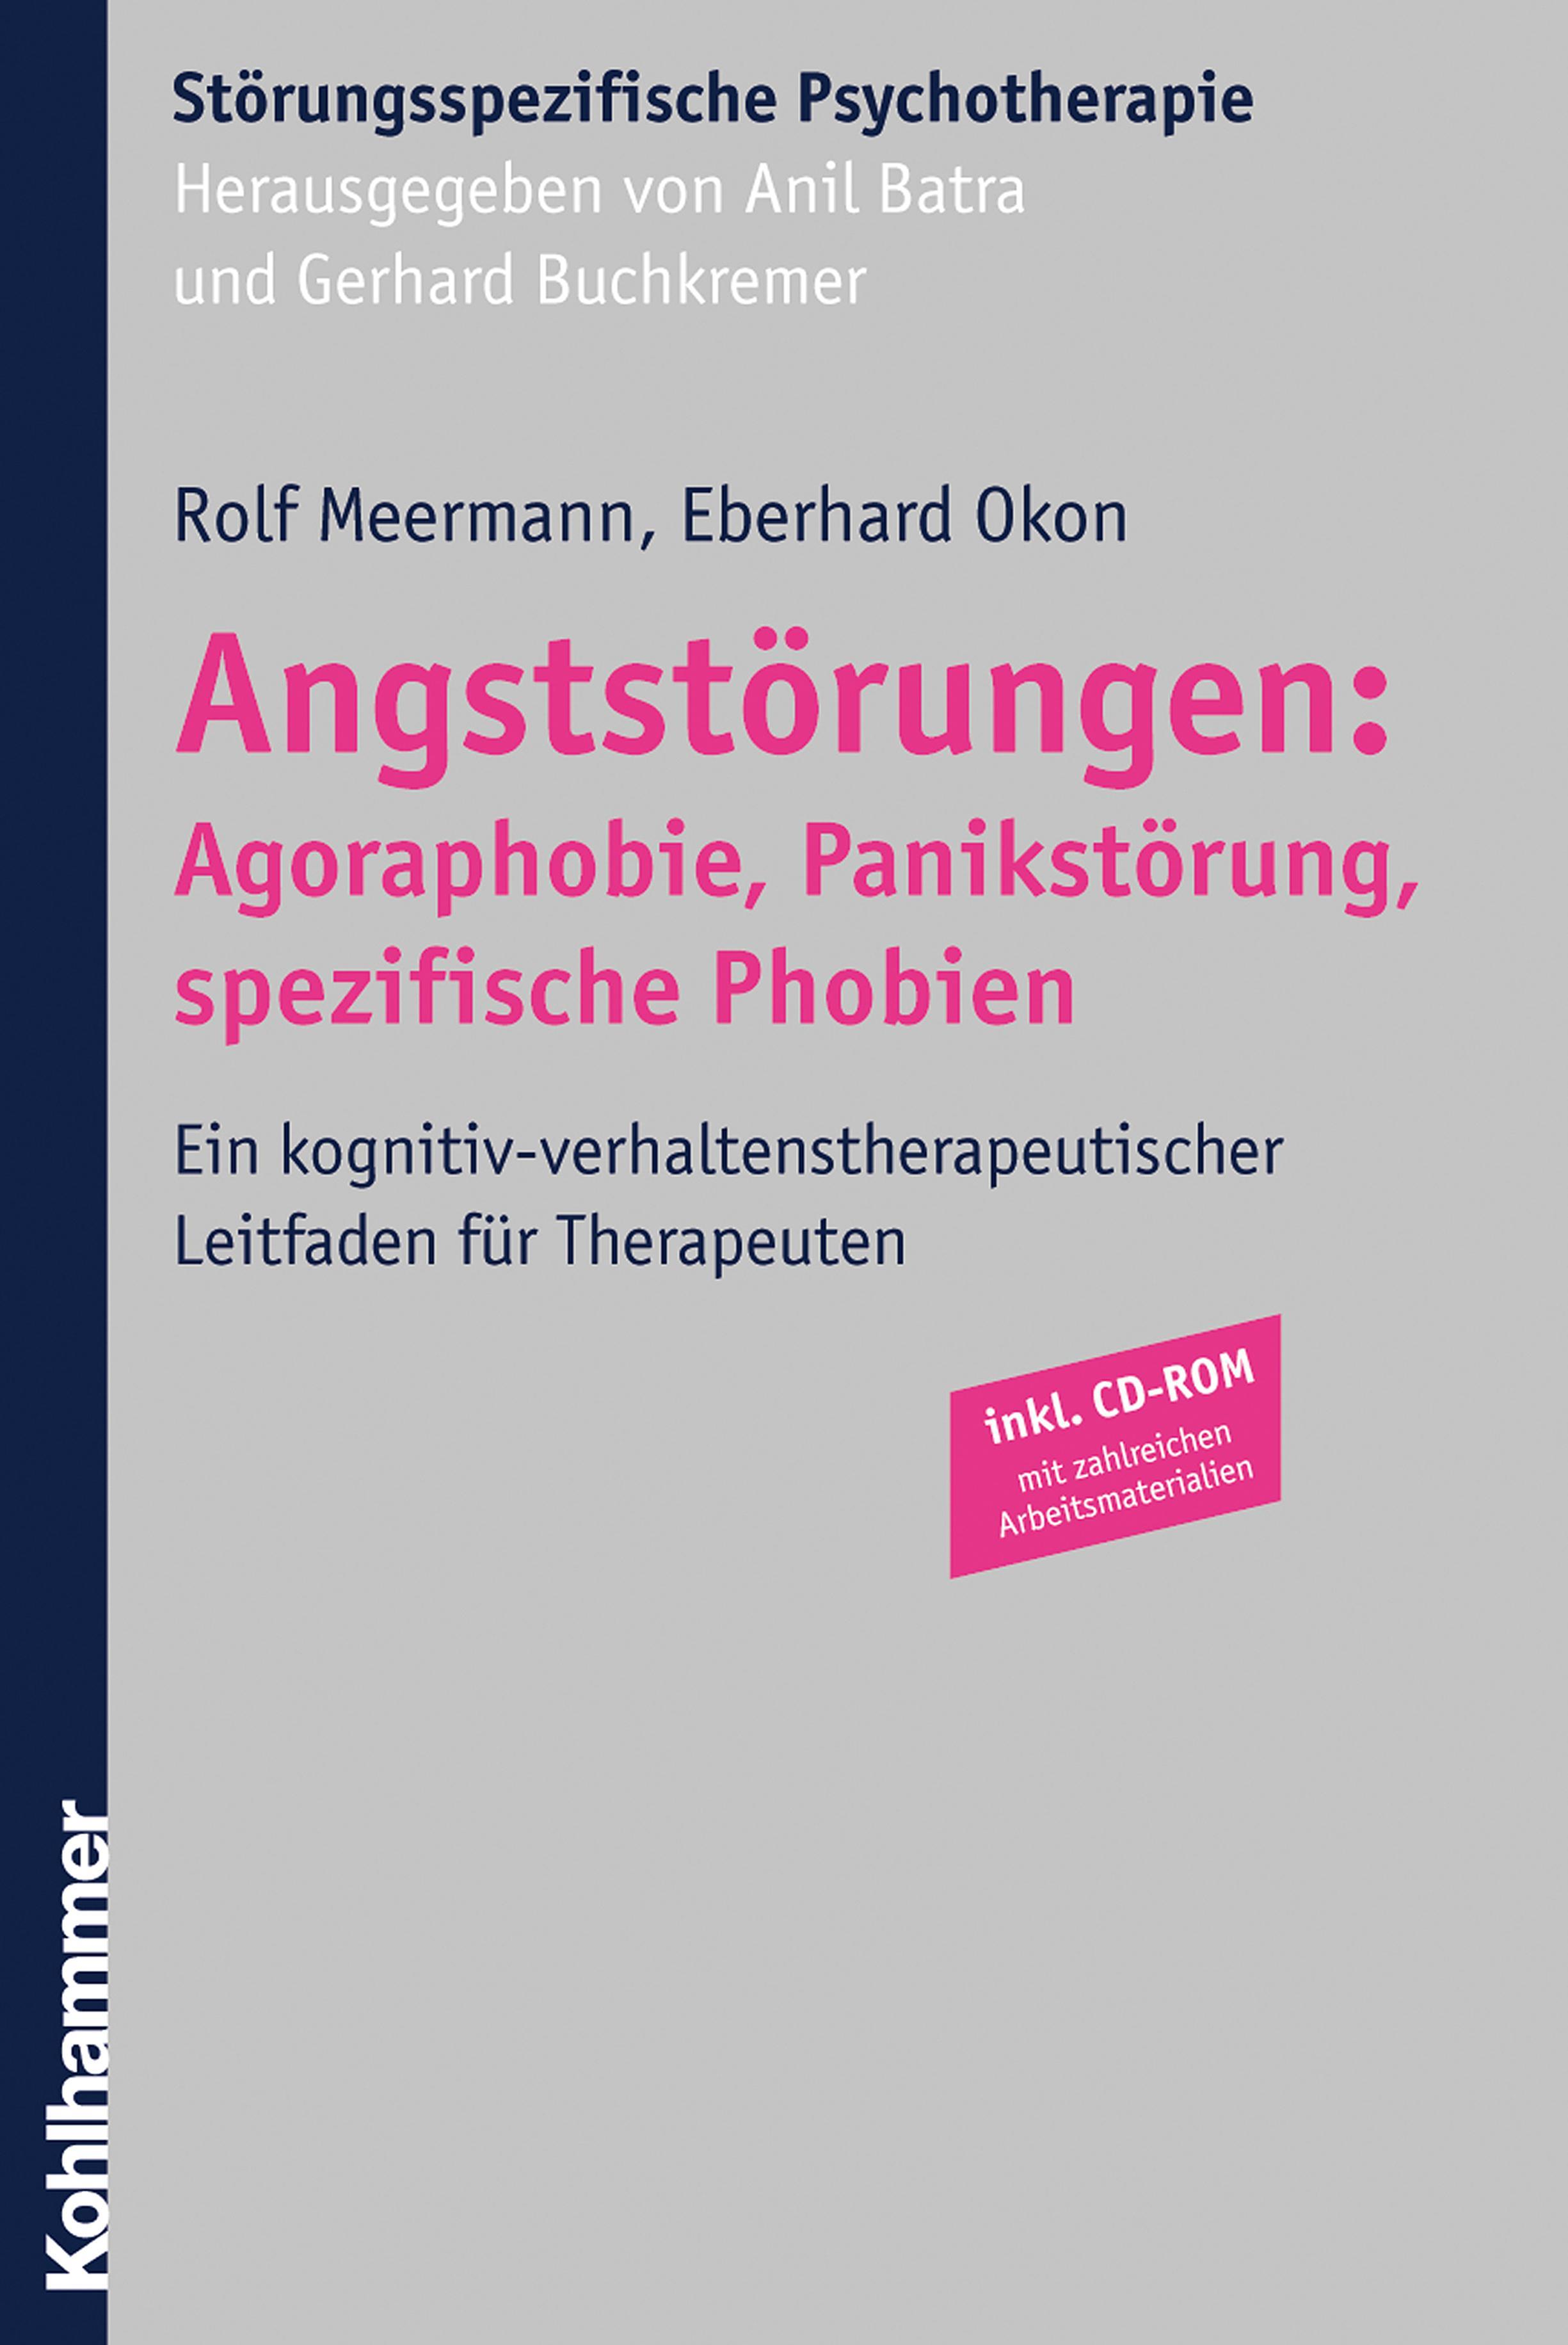 Angststoerungen-Agoraphobie-Panikstoerung-spezifische-Phobien-Rolf-Meermann